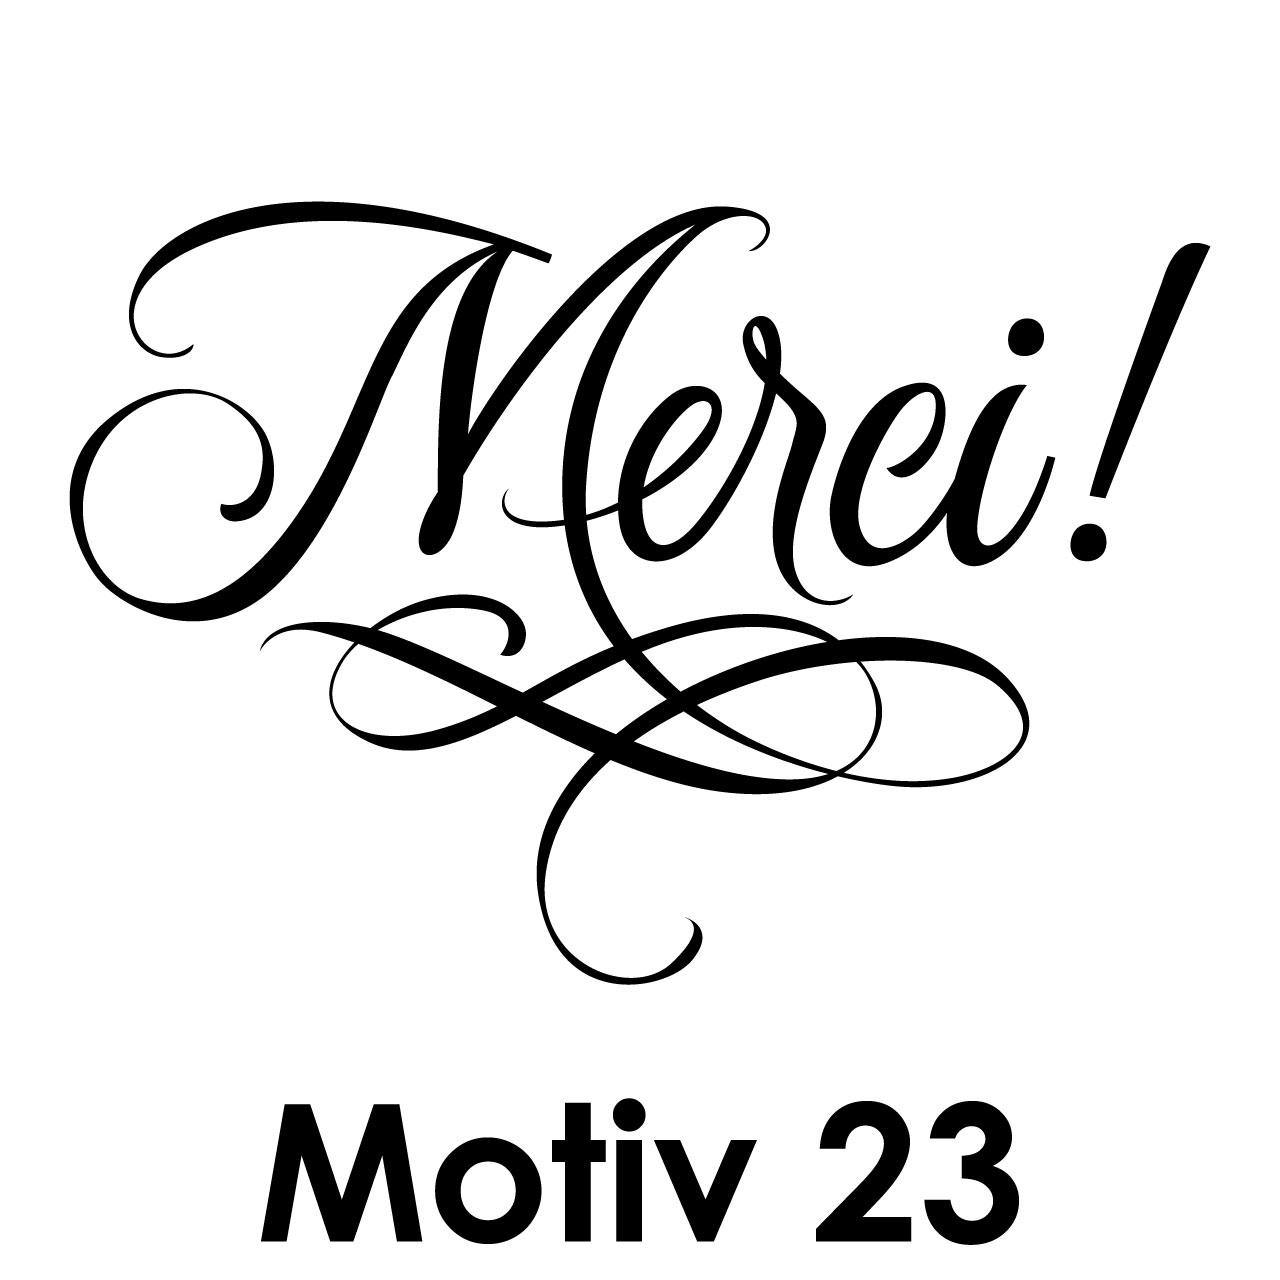 Motiv23